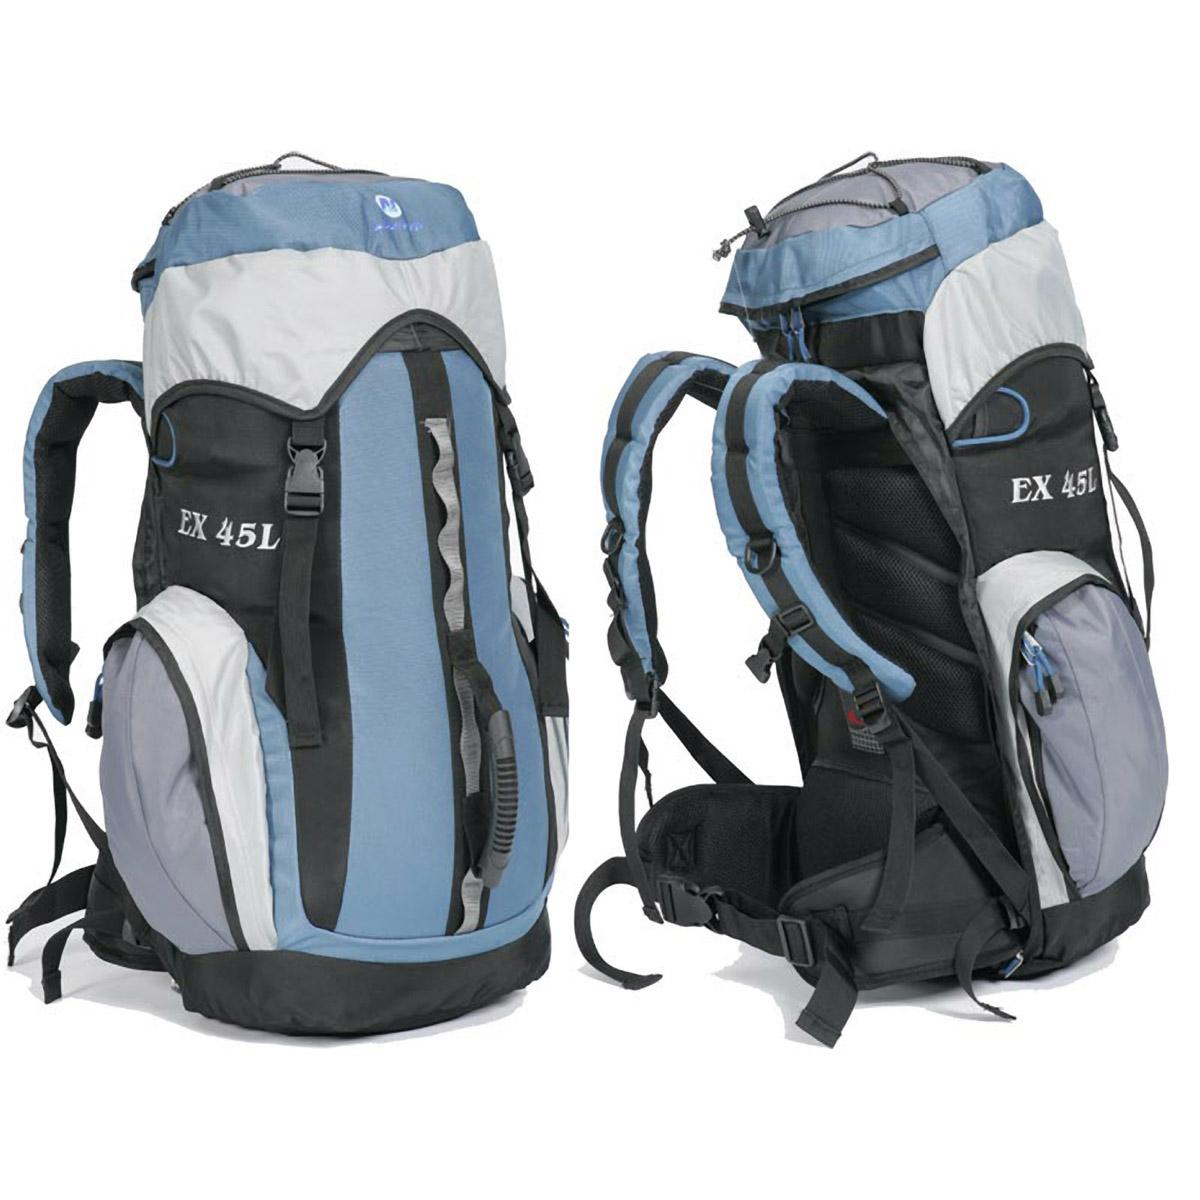 Нордвей рюкзак 45л рюкзак для ходовой охоты бекас 55 v2 отзывы